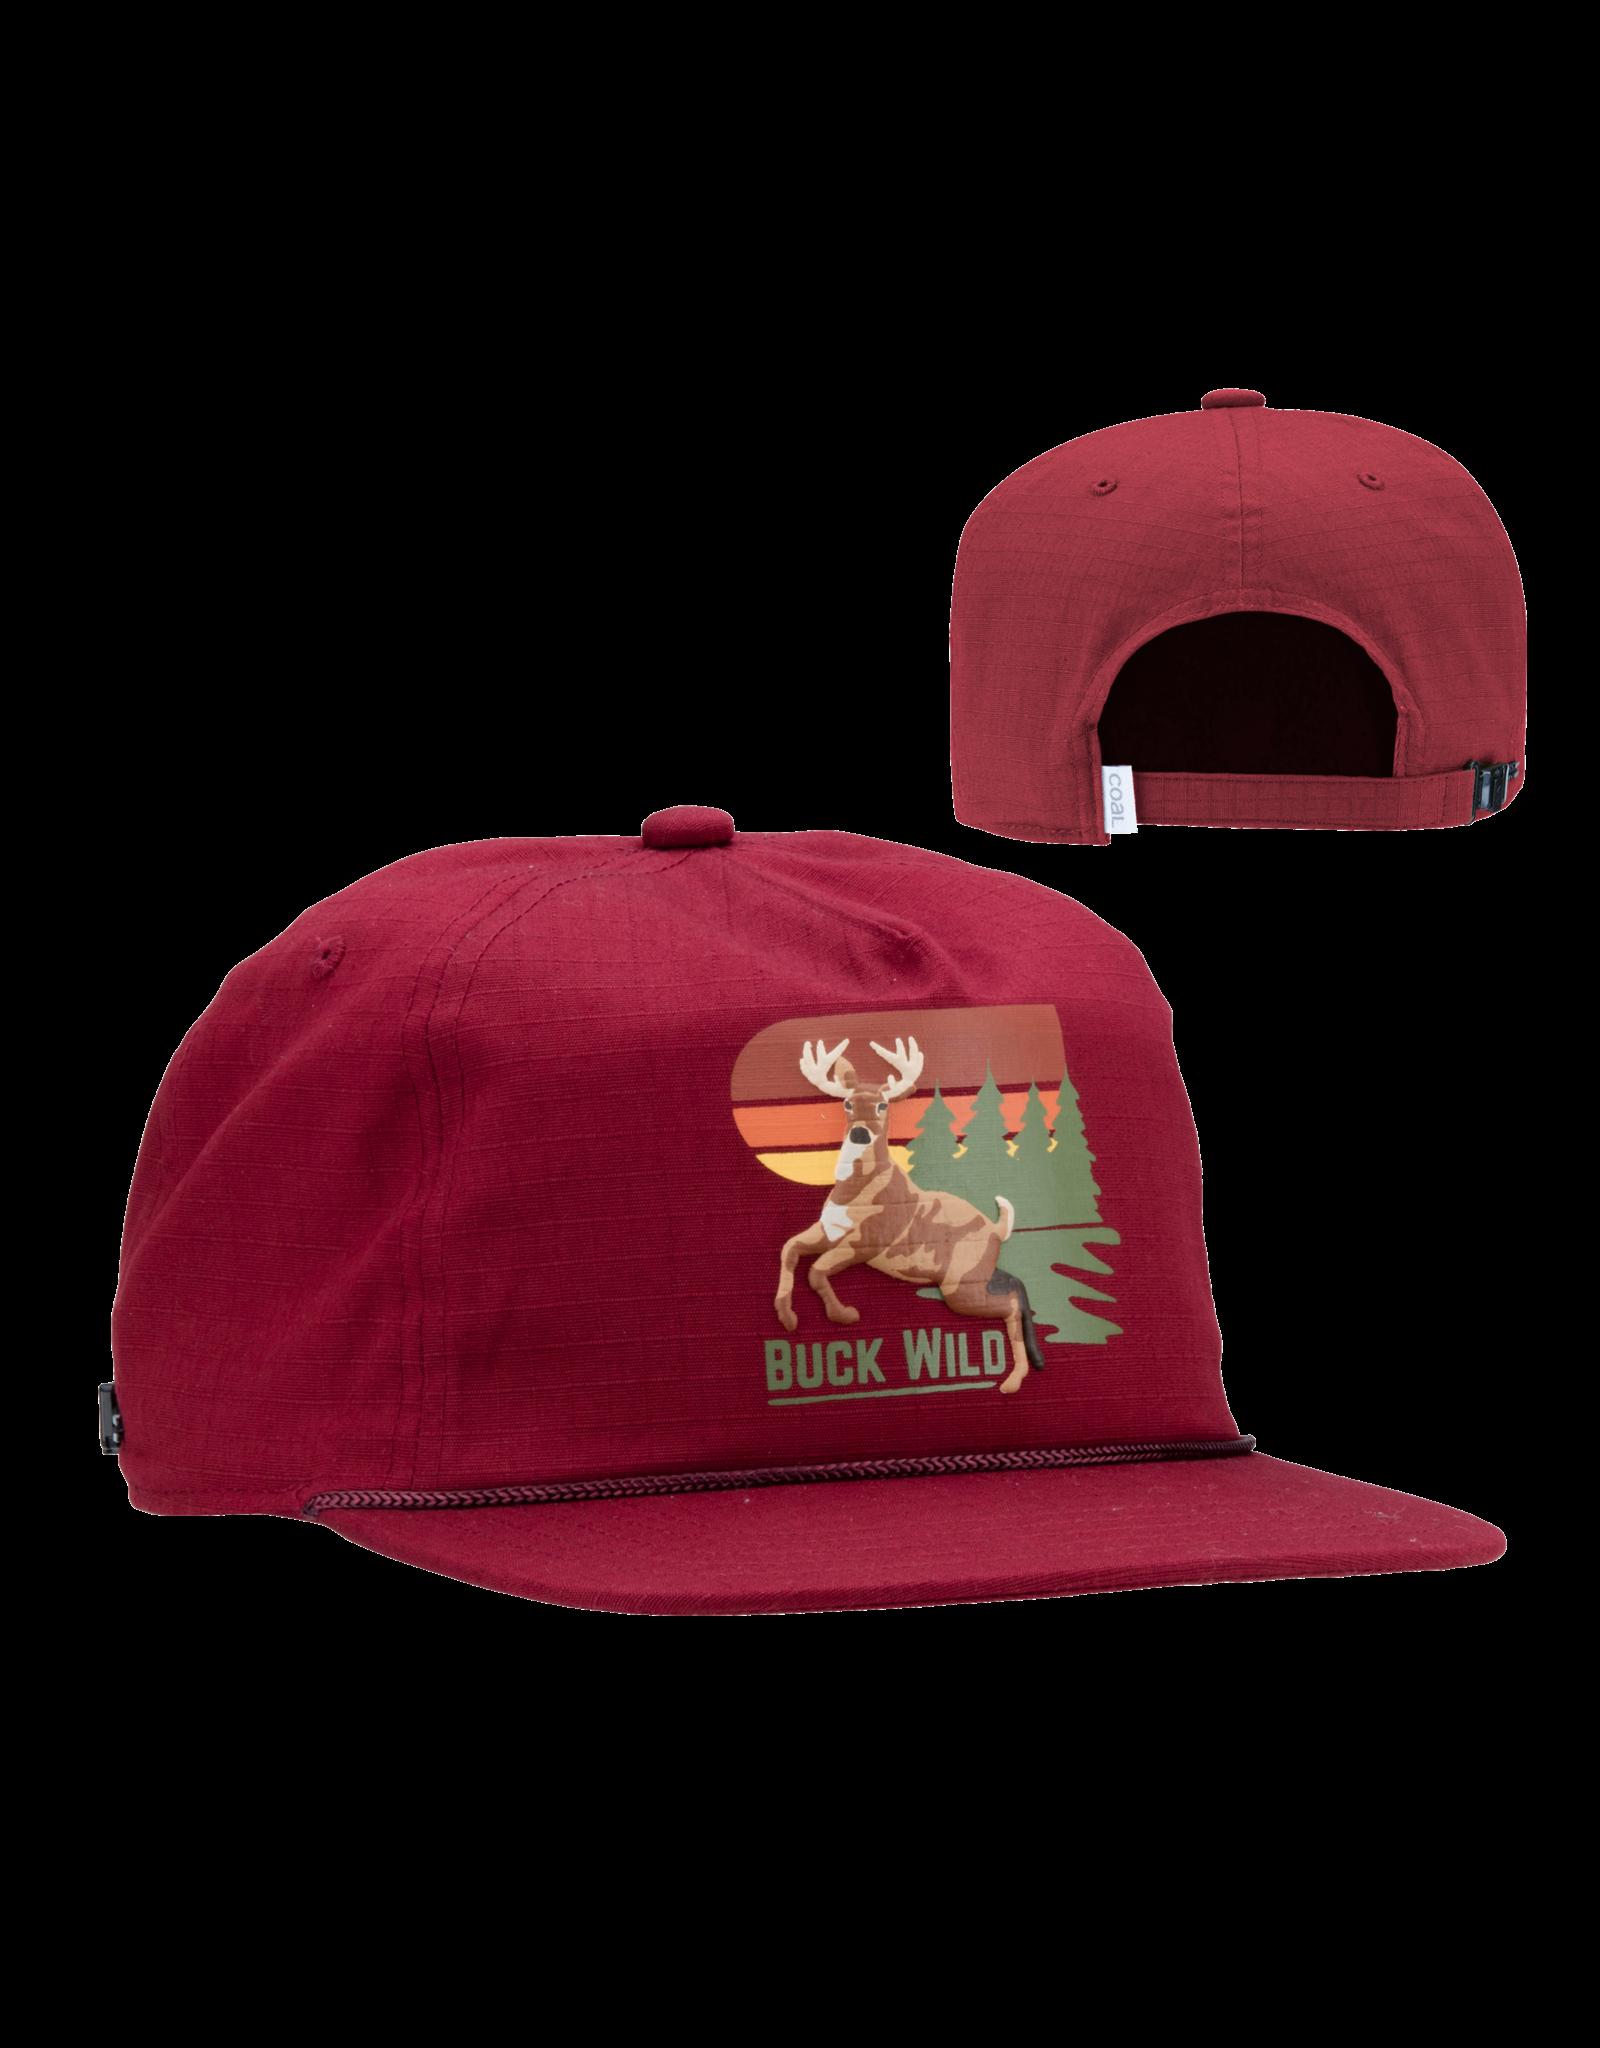 Coal FIELD Buck Wild Hat